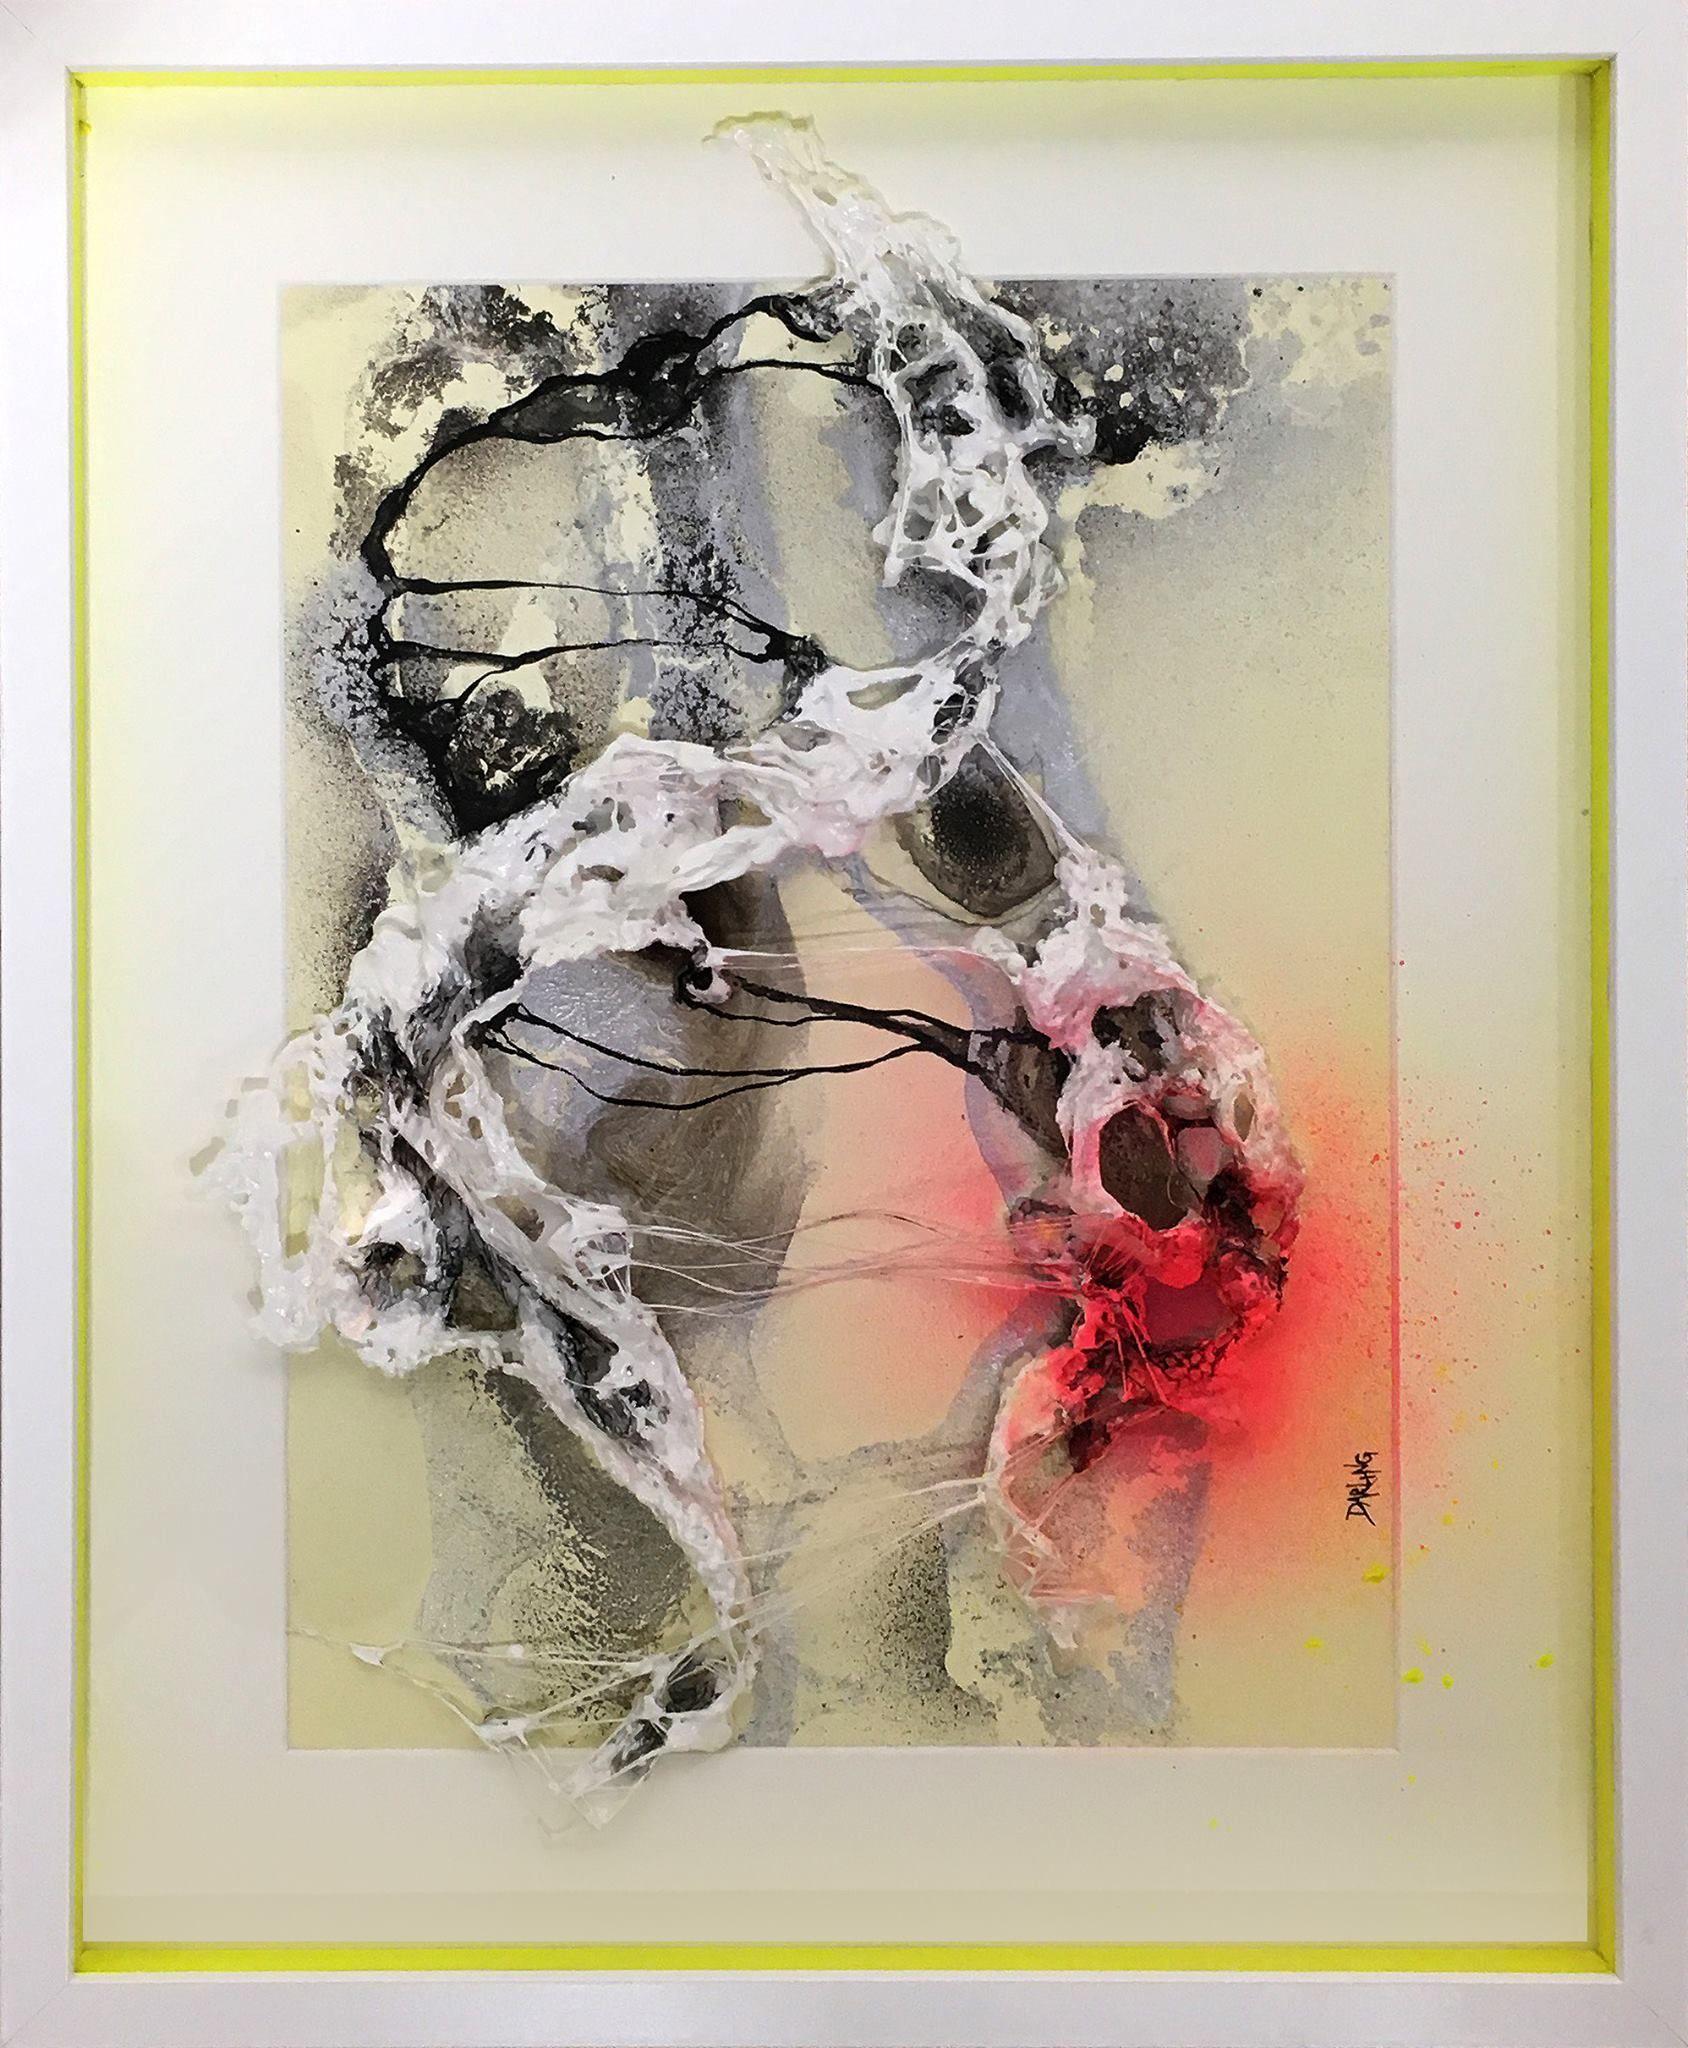 cf35a972 Stort abstrakt maleri til salg i gul og pink farver. Moderne farverigt  maleri af Rikke